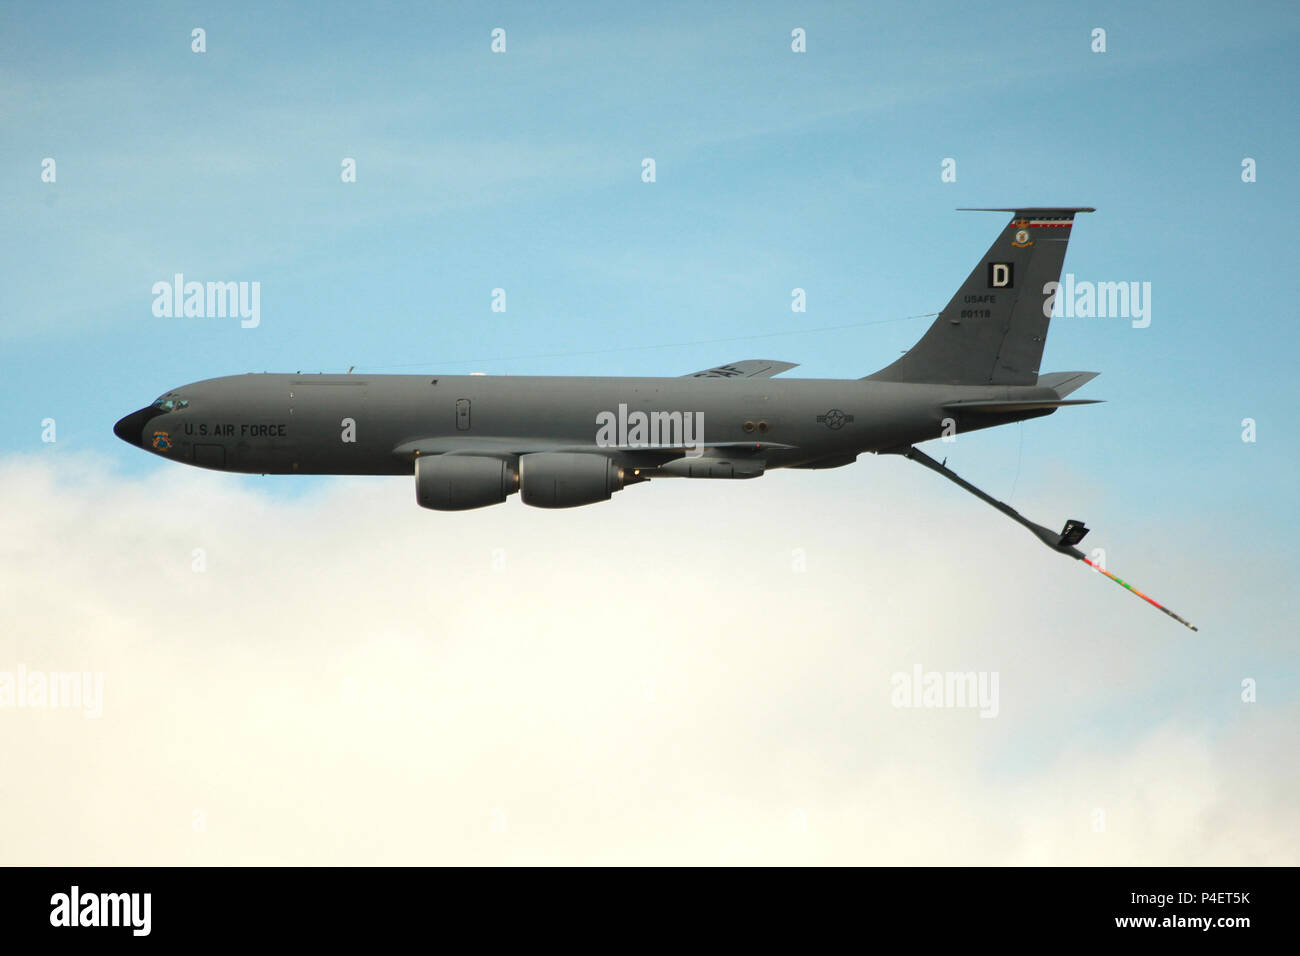 Boeing KC-135 Stratotanker - Stock Image